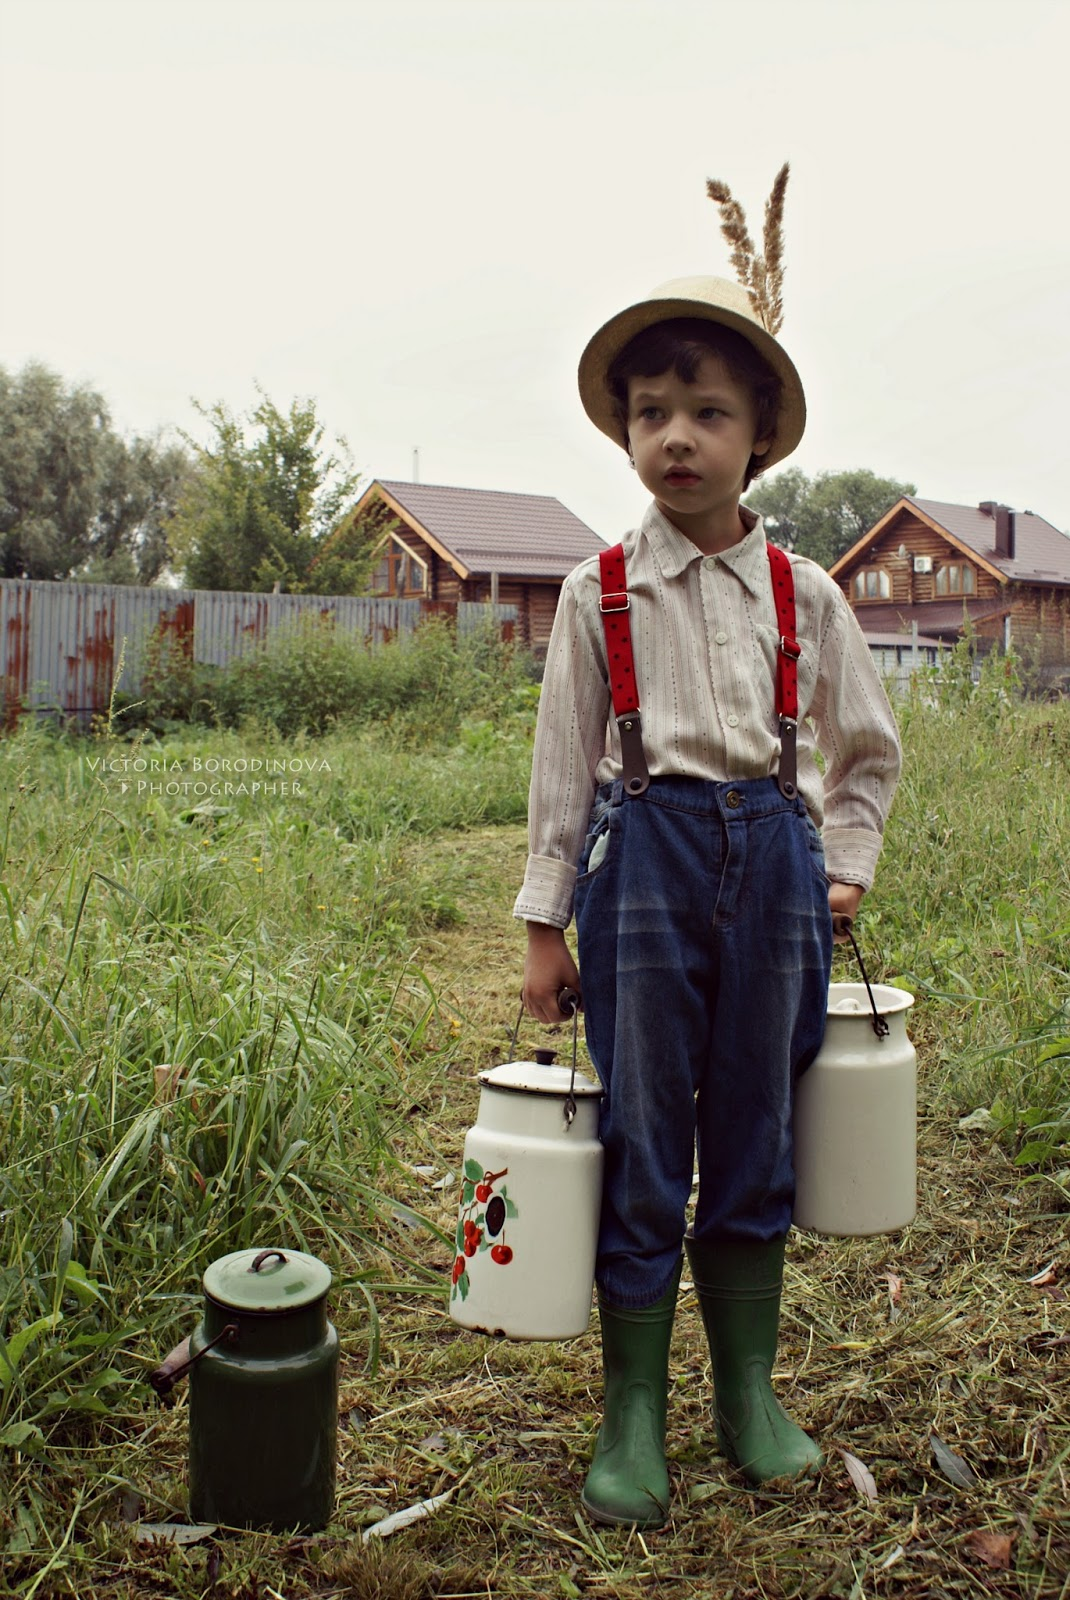 Идеи для фото в деревне дети